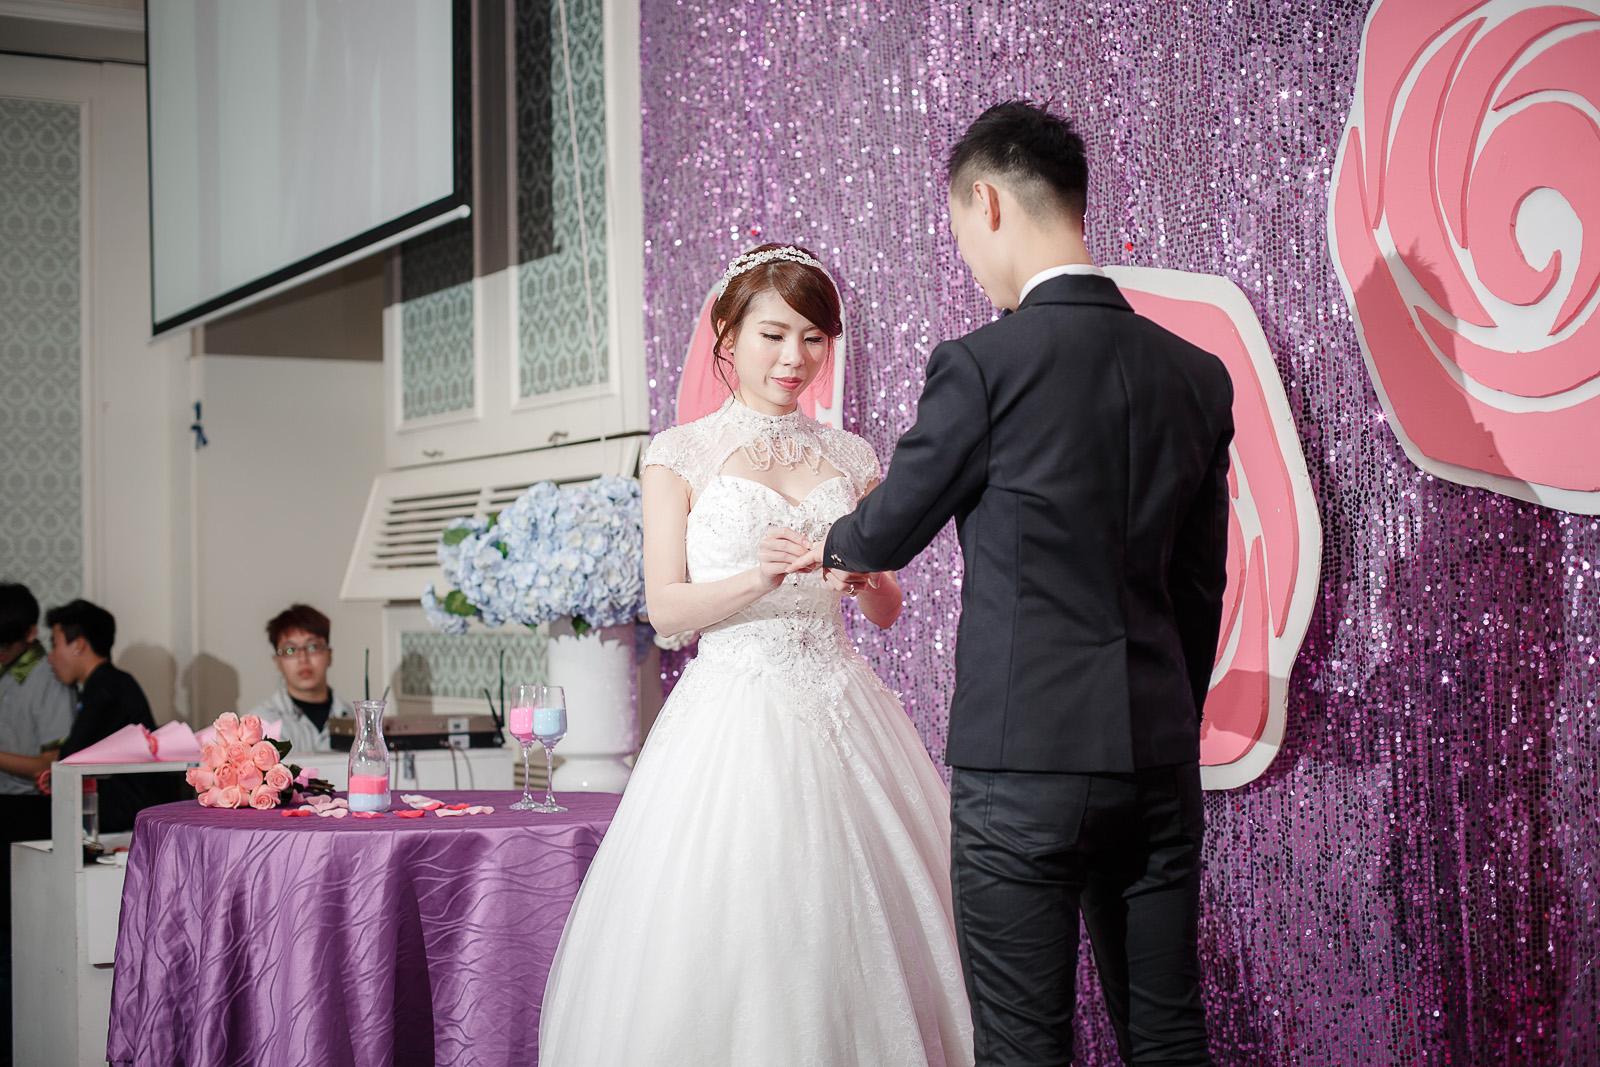 高雄圓山飯店,婚禮攝影,婚攝,高雄婚攝,優質婚攝推薦,Jen&Ethan-256